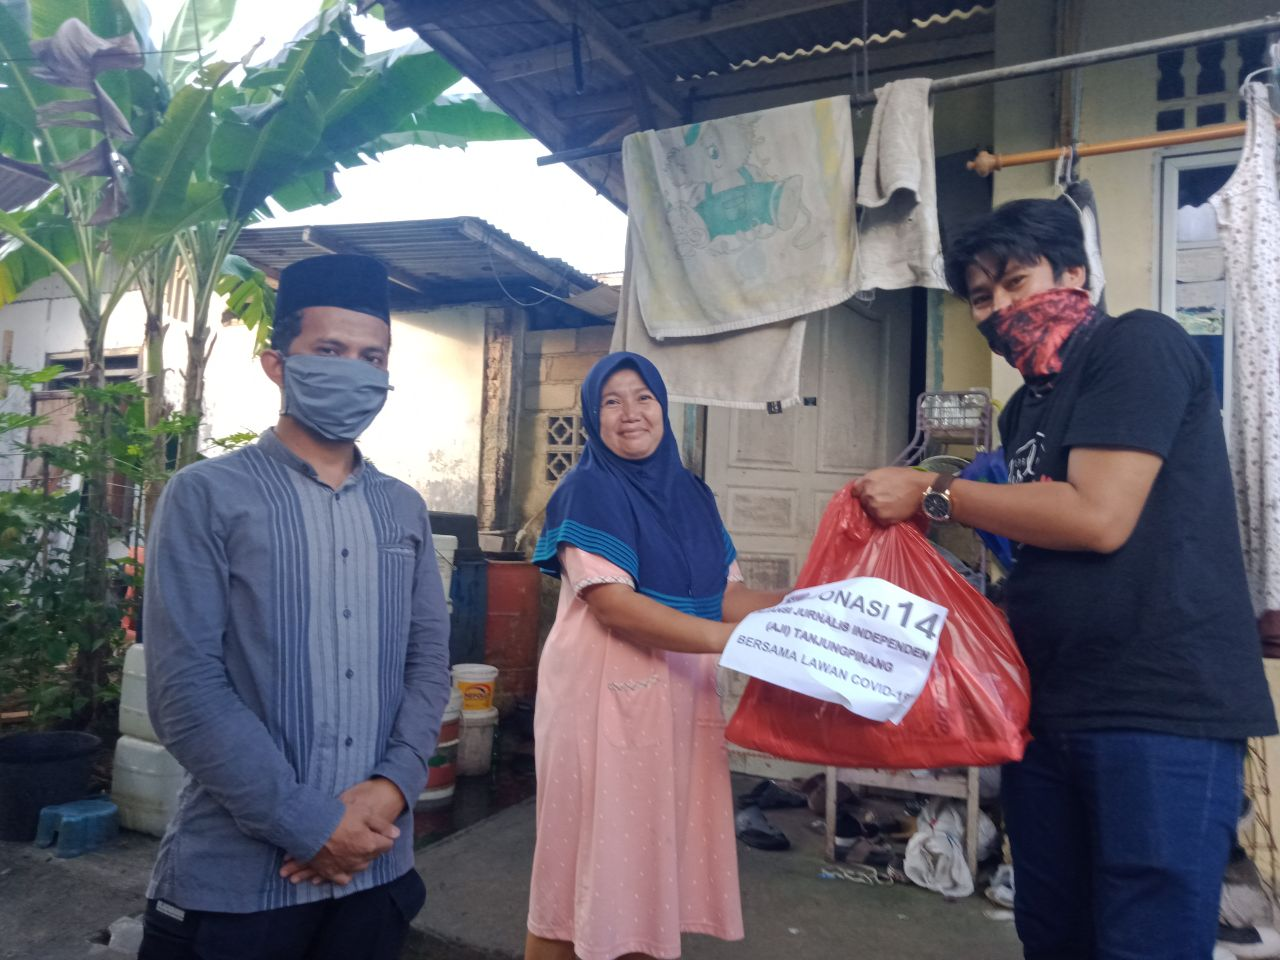 Lawan Covid-19, AJI Tanjungpinang Salurkan Sembako ke Warga Tak Mampu